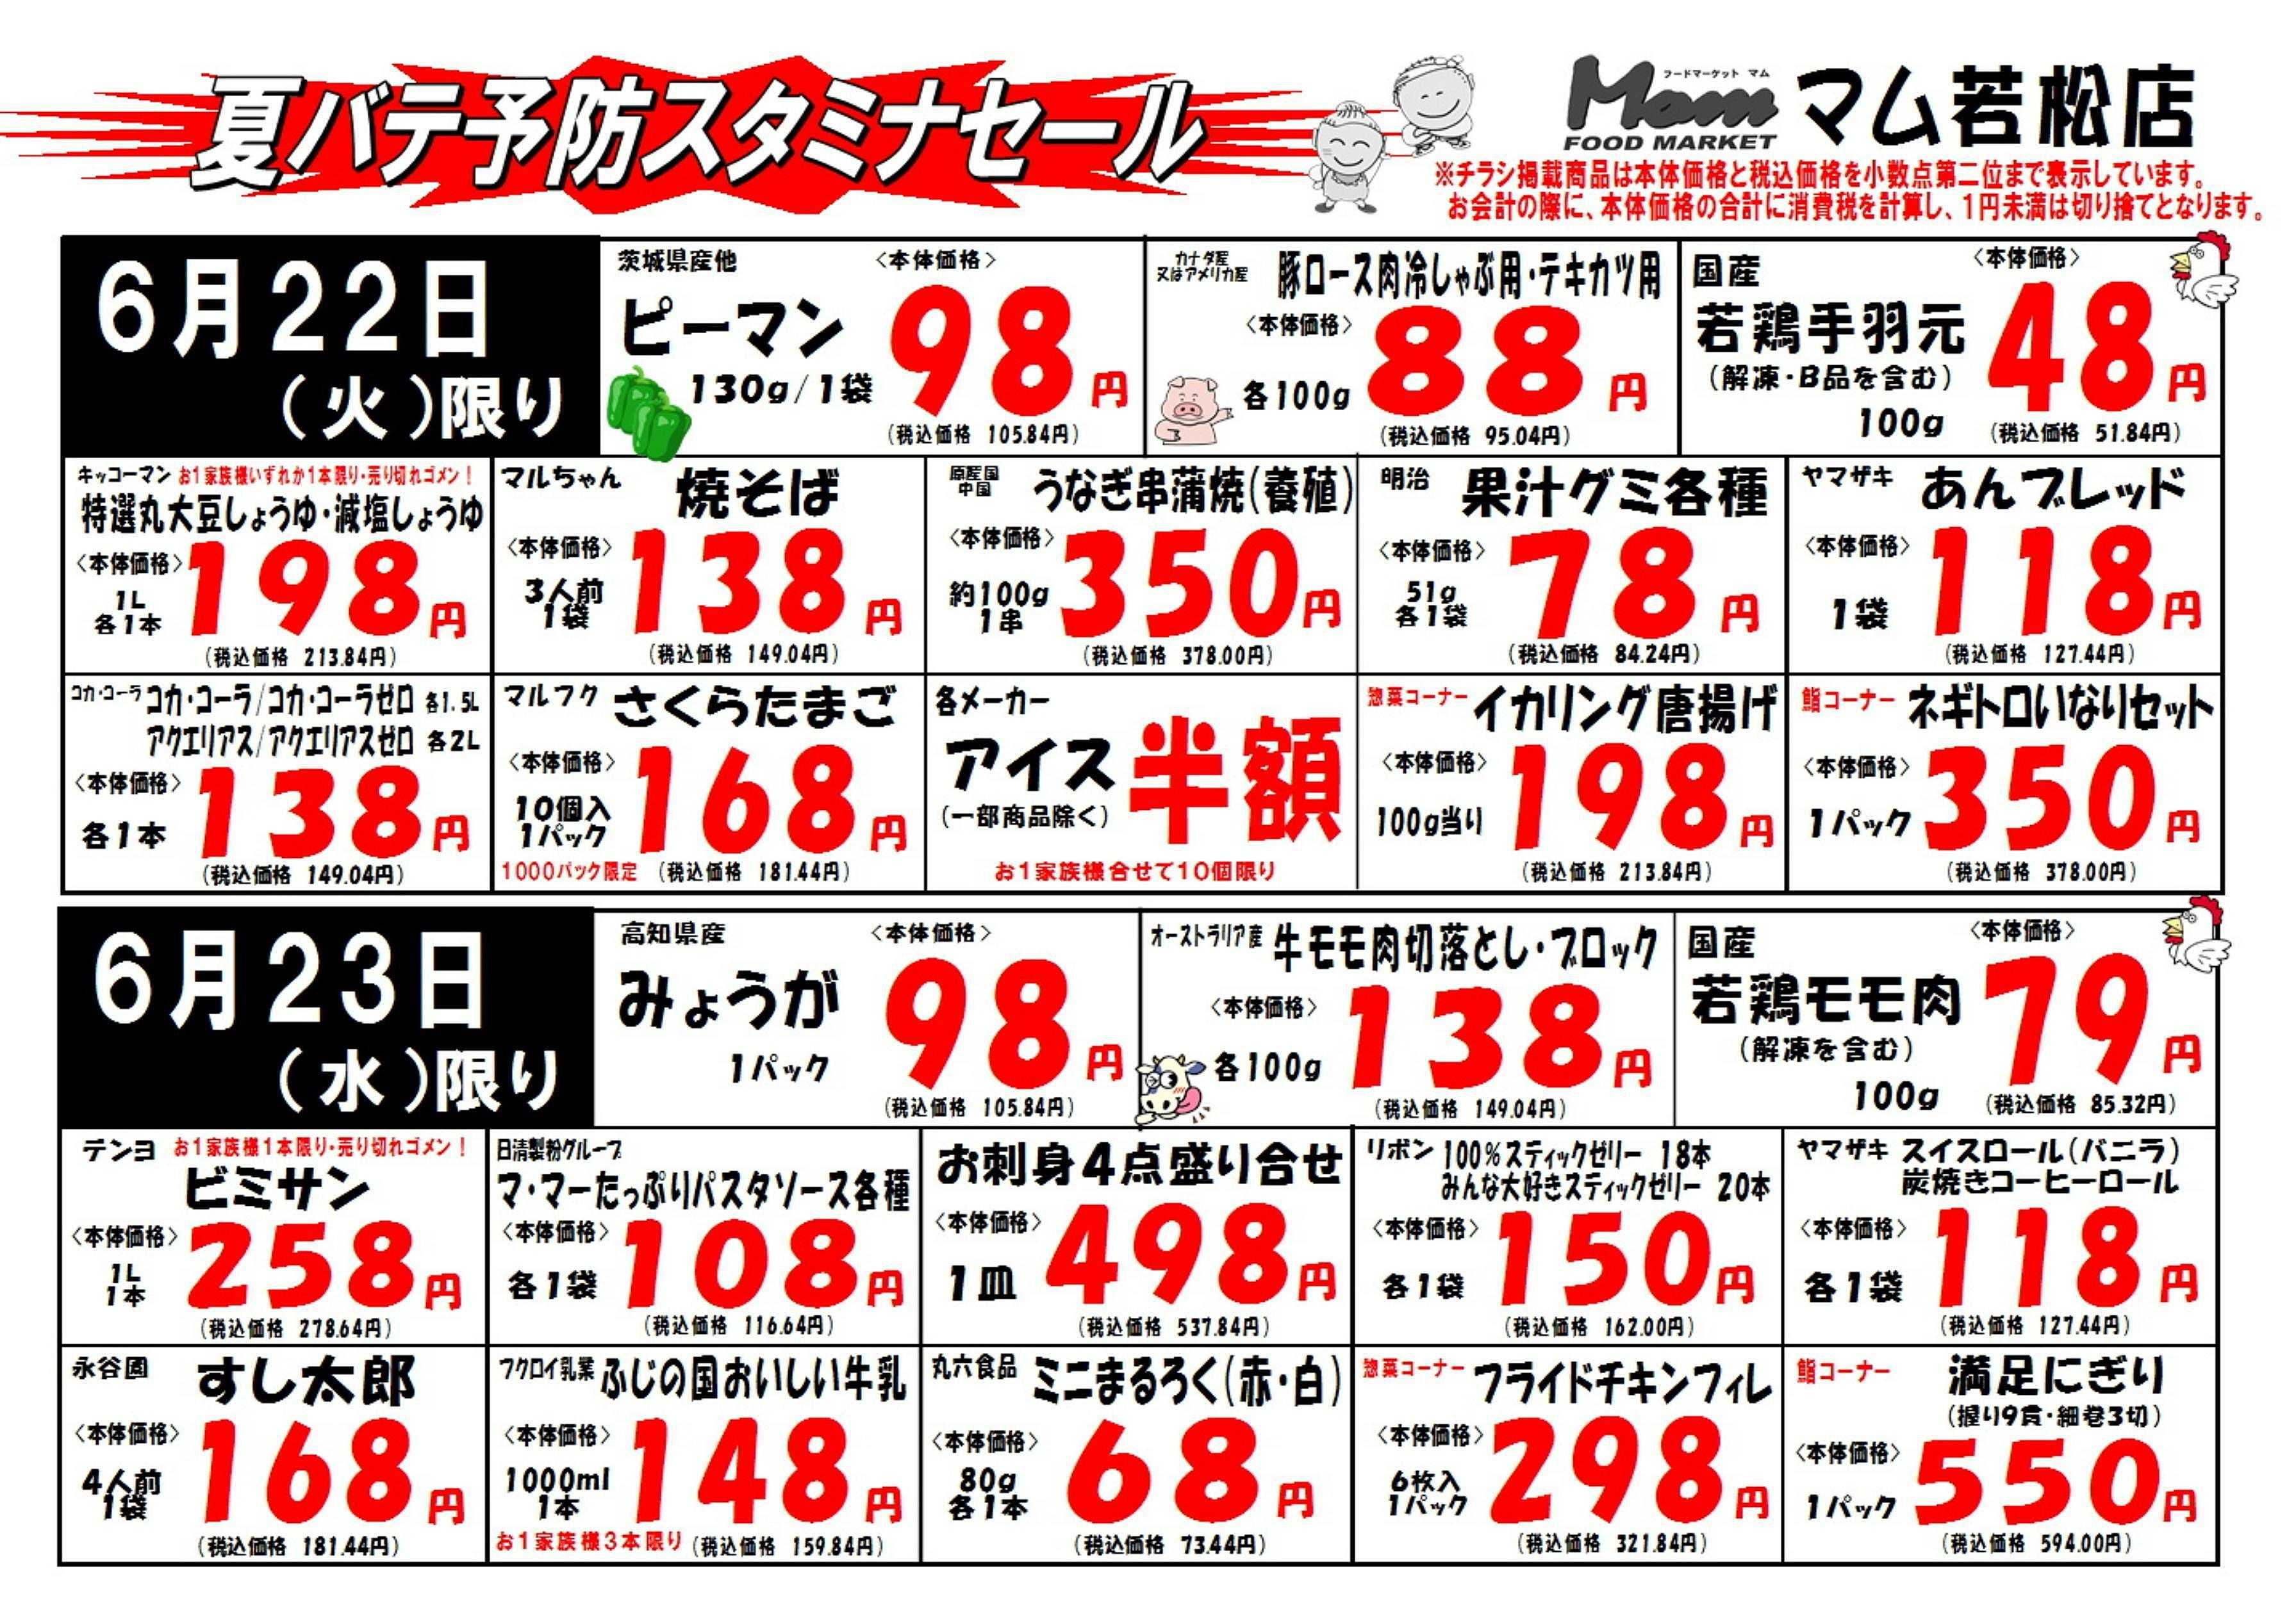 フードマーケット マム 若松店夏バテ予防スタミナセールおもて